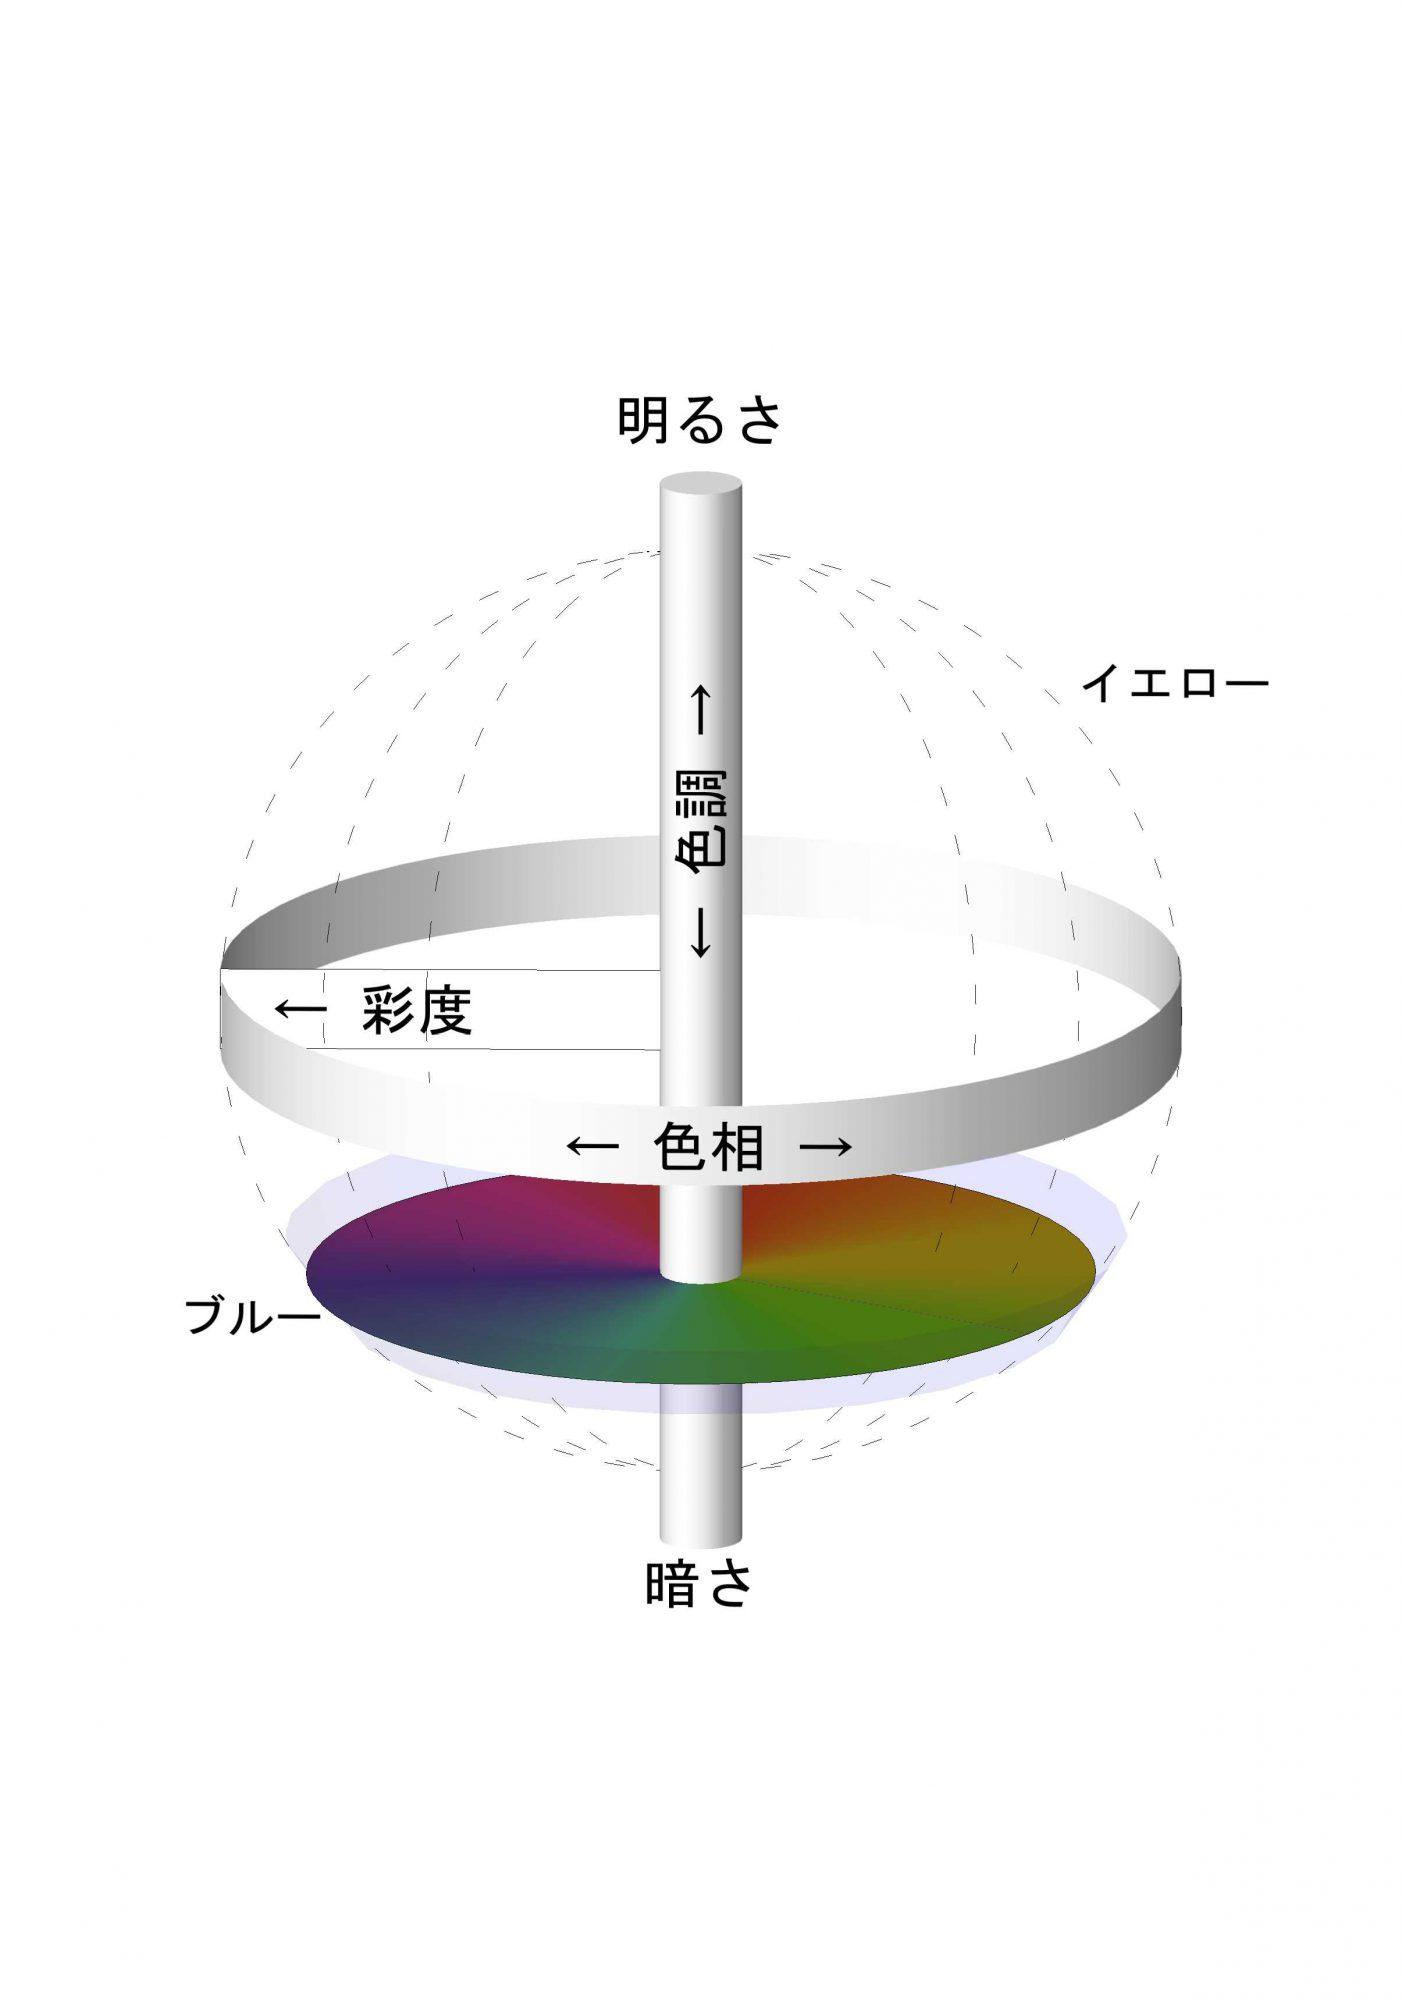 図4:色相、色調、彩度の3軸の図の暗い色調の位置